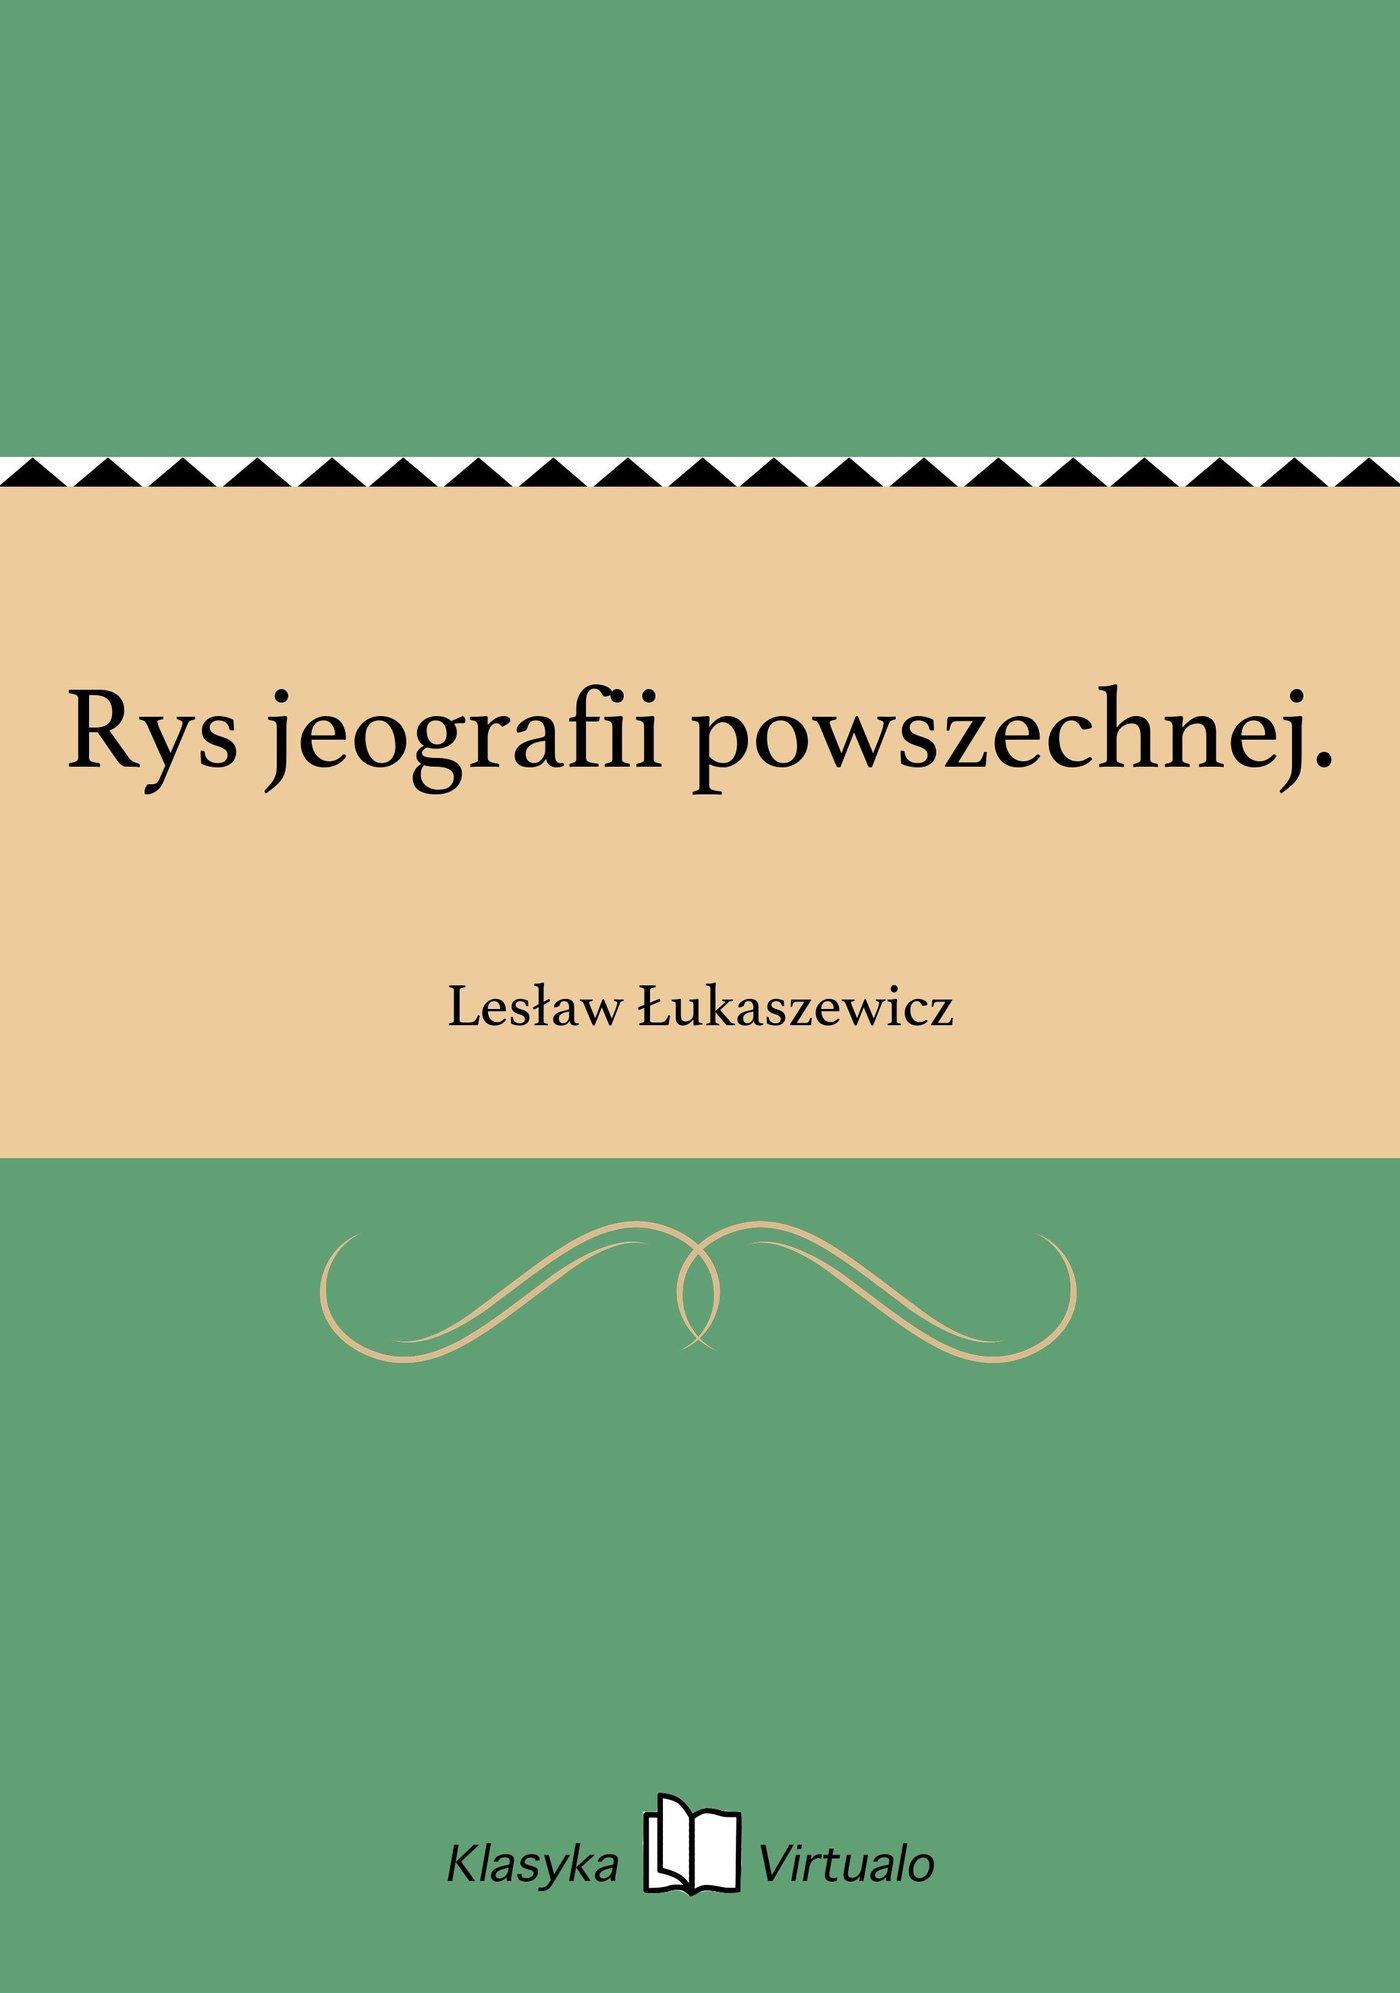 Rys jeografii powszechnej. - Ebook (Książka EPUB) do pobrania w formacie EPUB